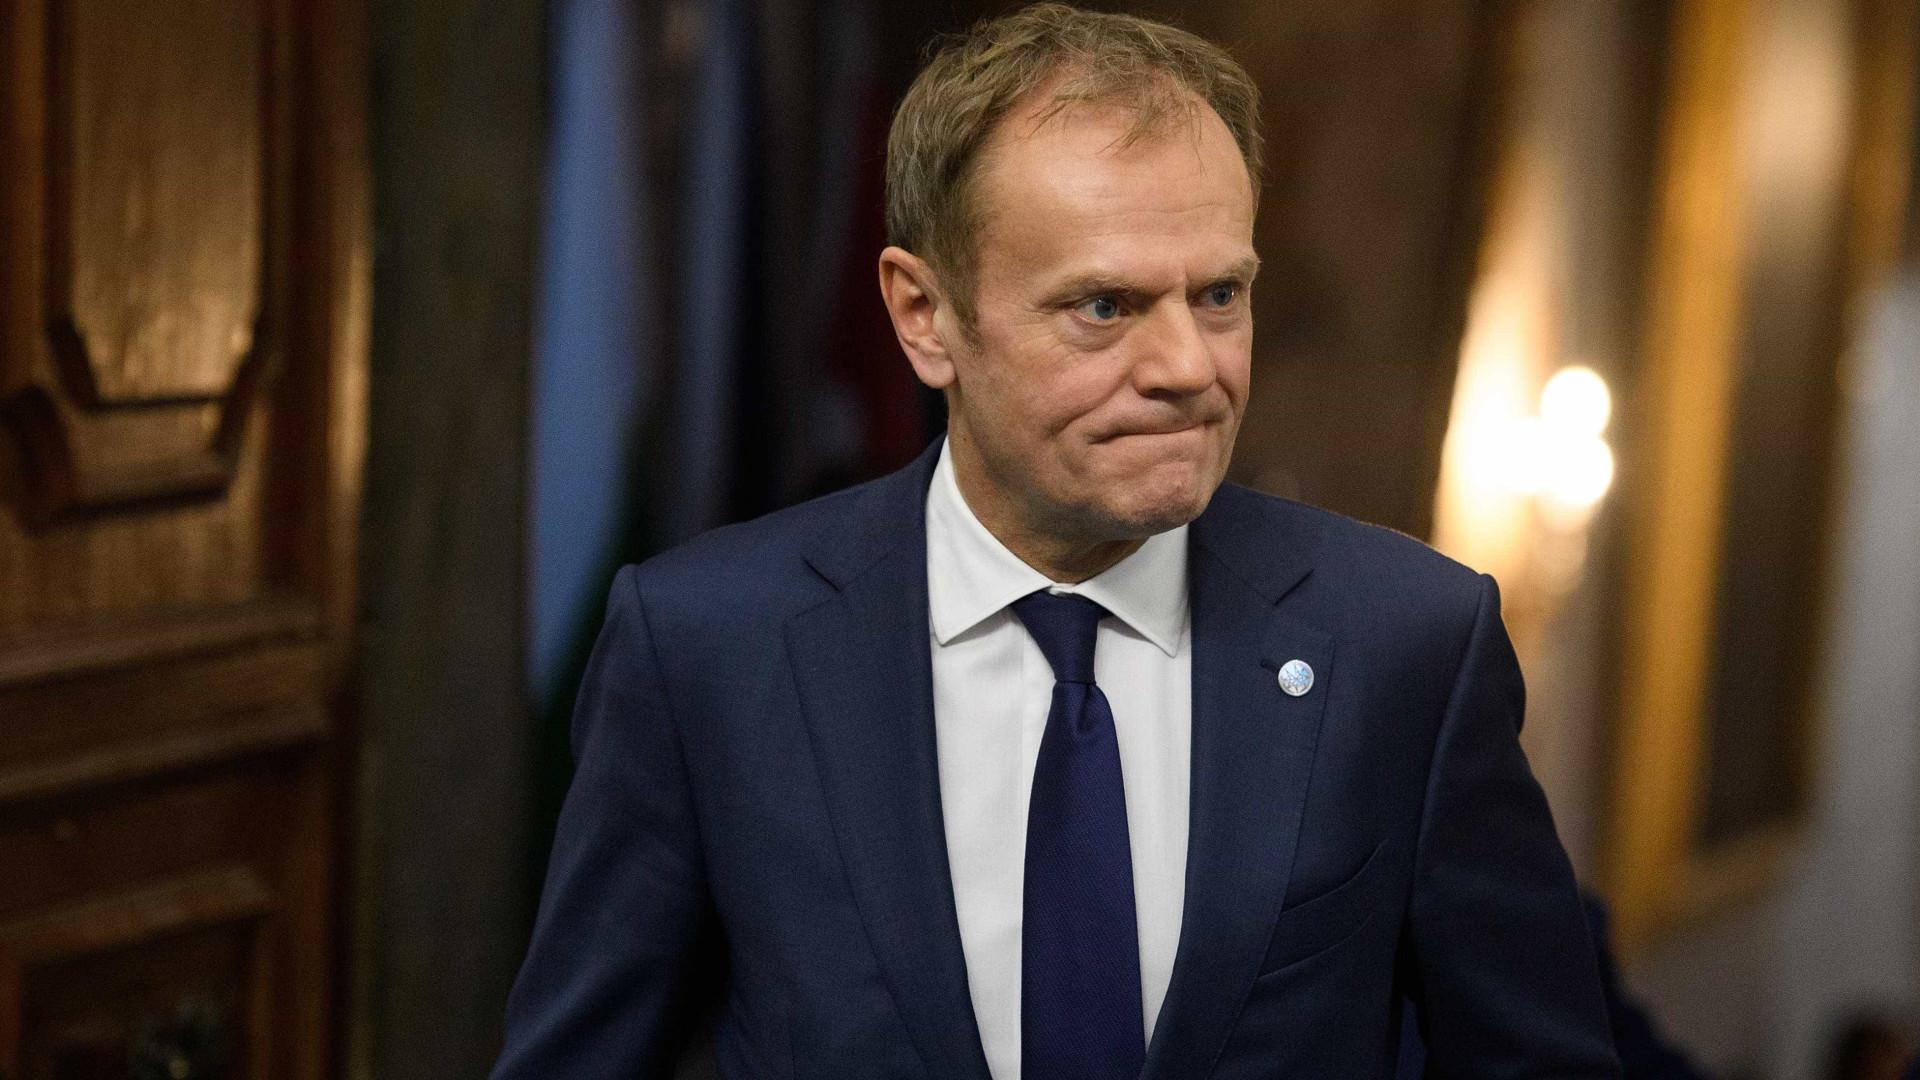 Tusk interrogado oito horas na Polónia. Caso de vingança política?